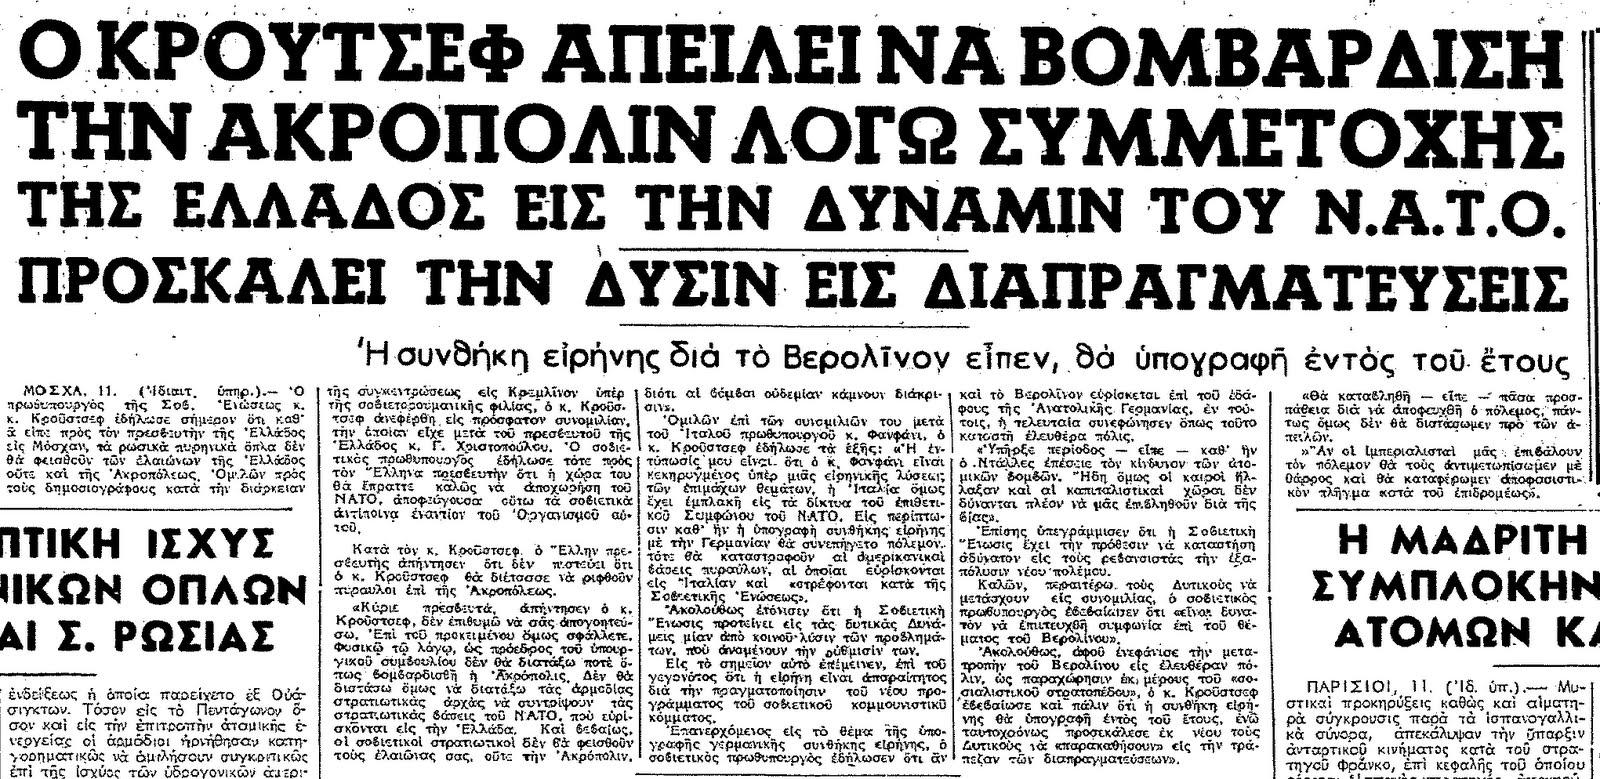 Αποτέλεσμα εικόνας για βομβαρδισμος ακροπολης χρουστσόφ